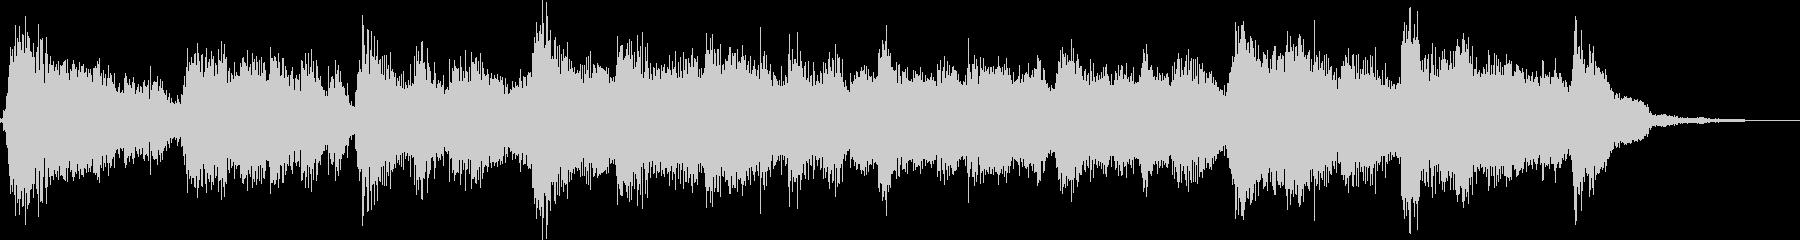 サンバラパスライトアンドブリージーの未再生の波形